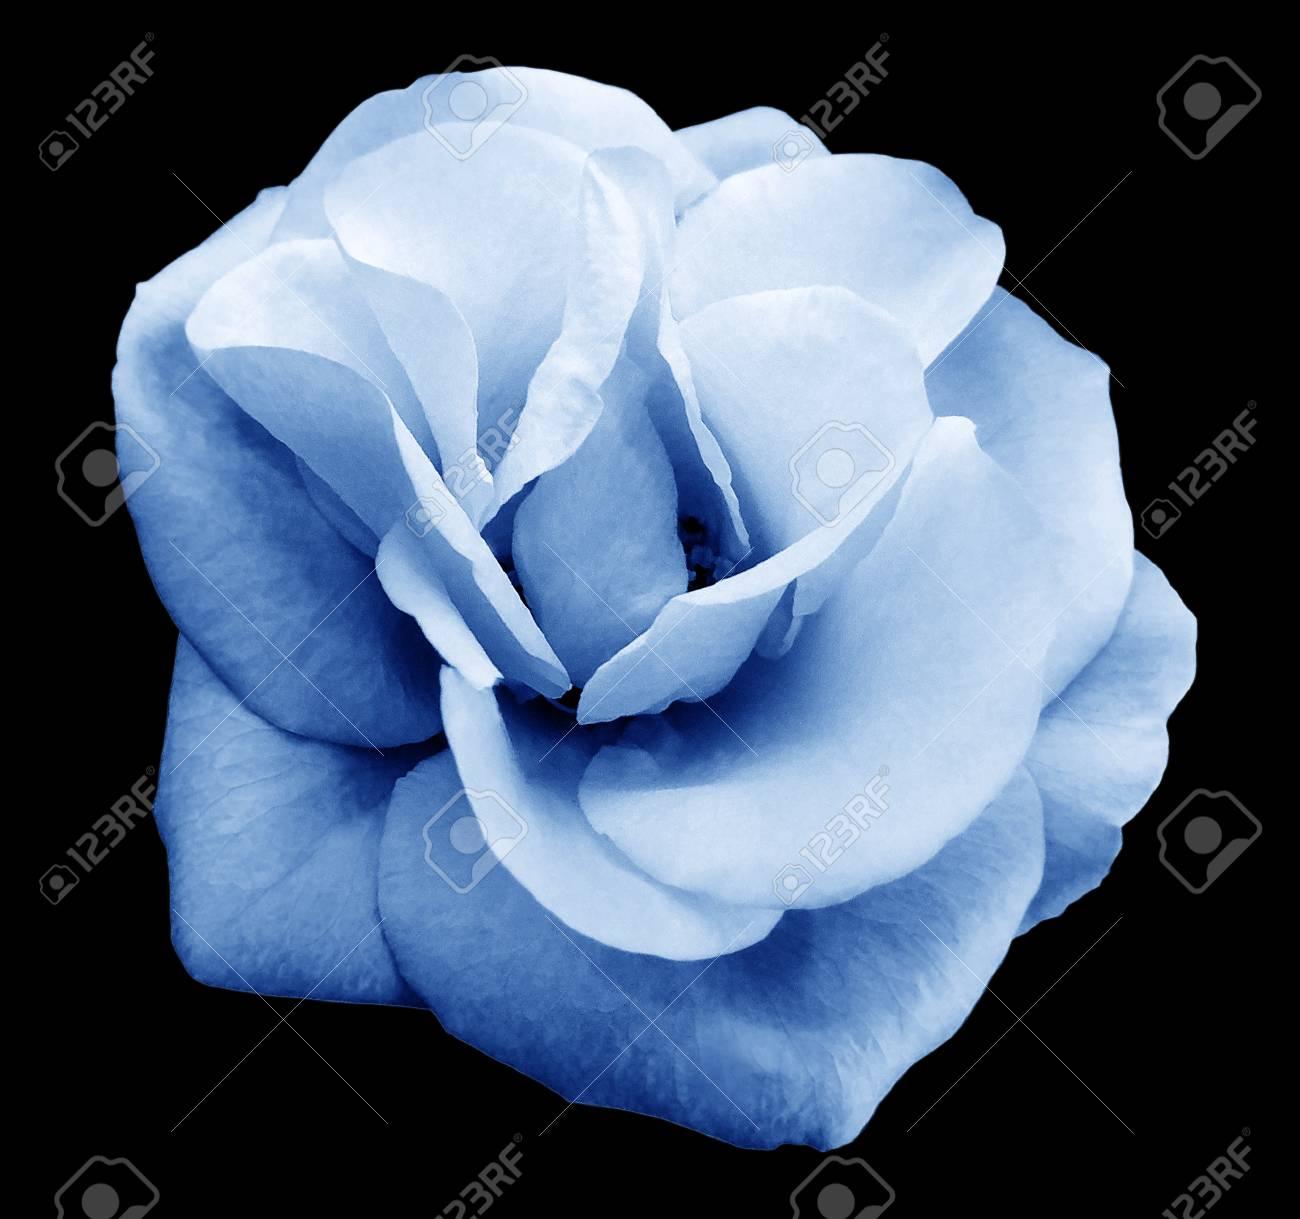 Bleu Clair Fleur Rose Noir Fond Isole Avec Chemin De Detourage